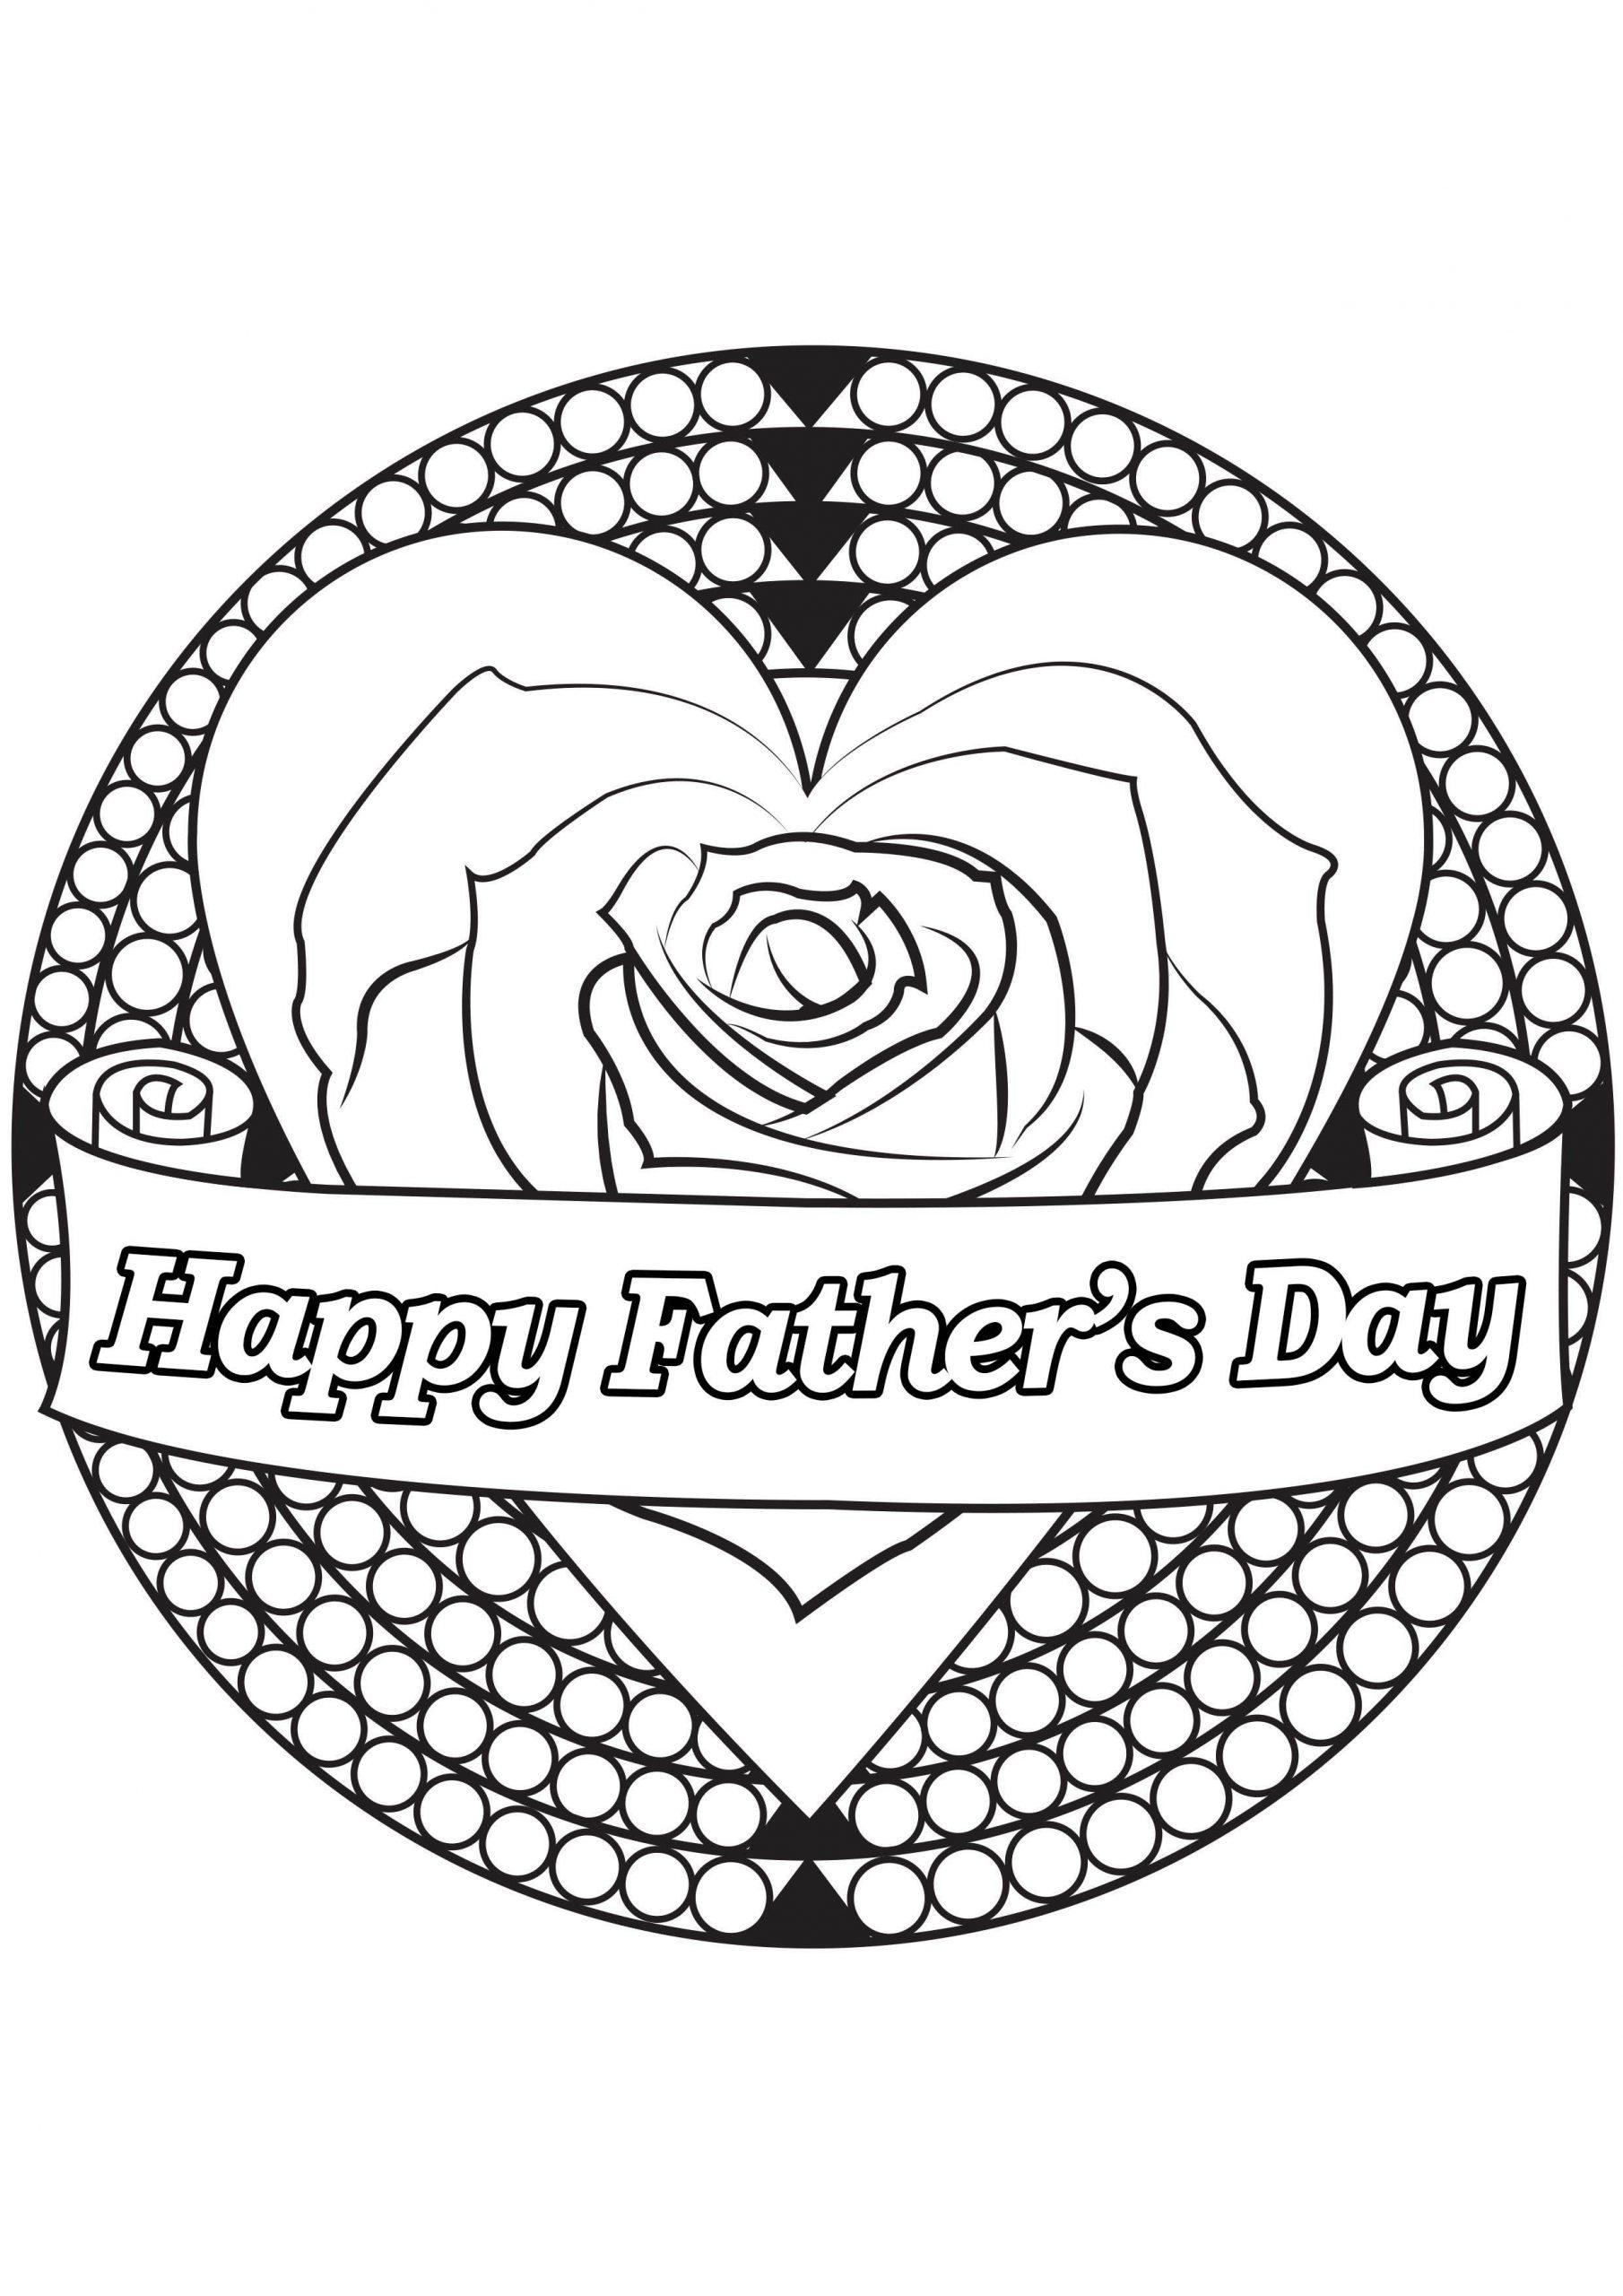 Father's Day Coloring Page : Heart | Father's Day Coloring destiné Coloriage Fete Des Peres A Imprimer Gratuit